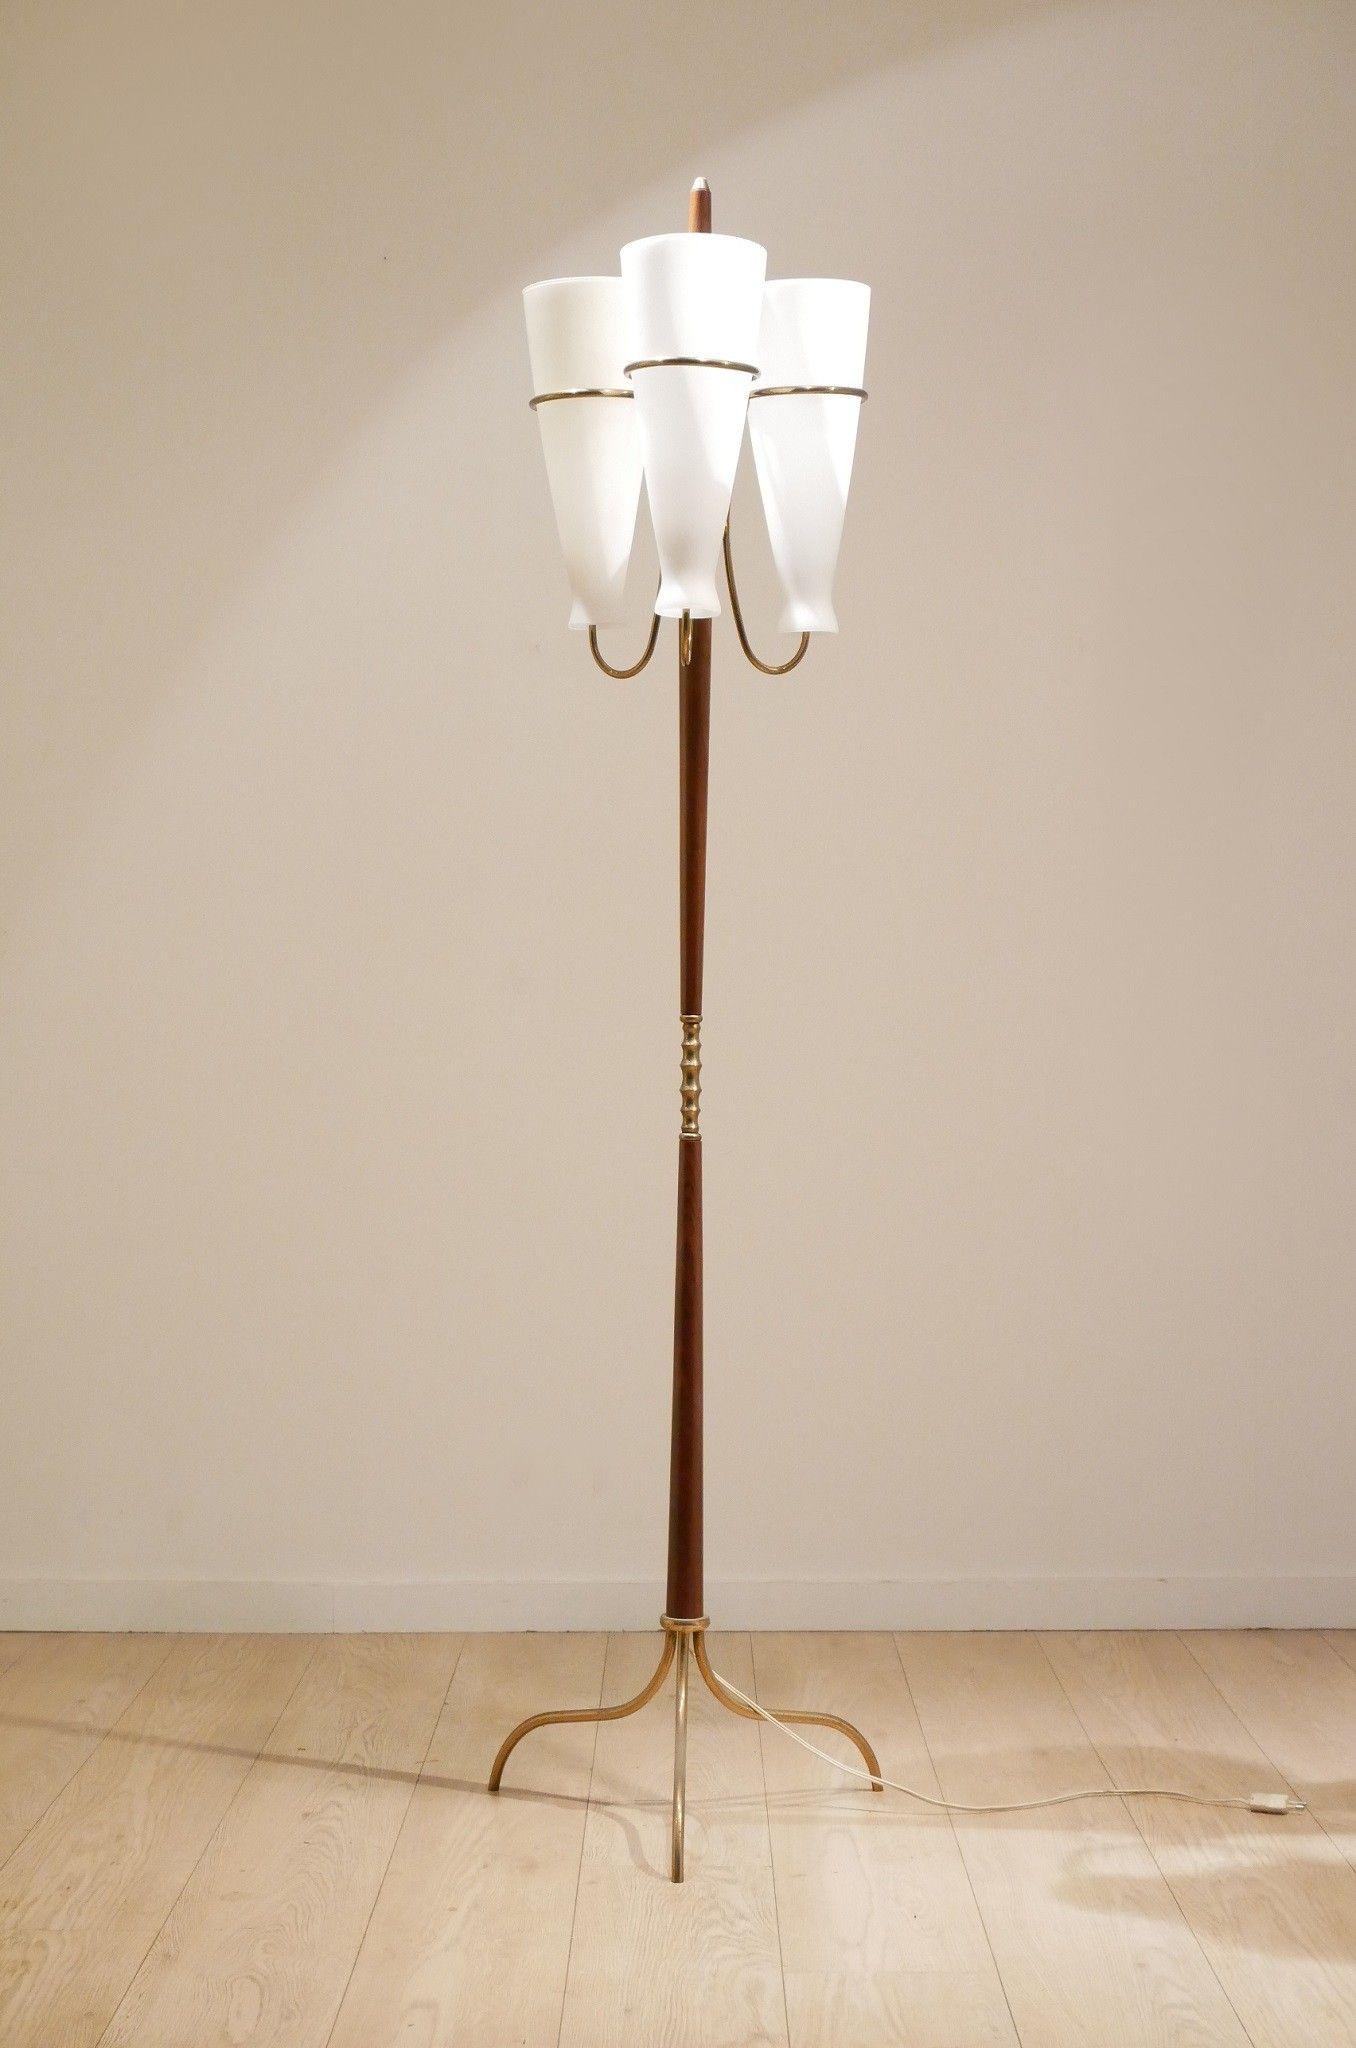 Klassische Stehlampen Chrom Boden Stand Lampe Runde Stehlampe